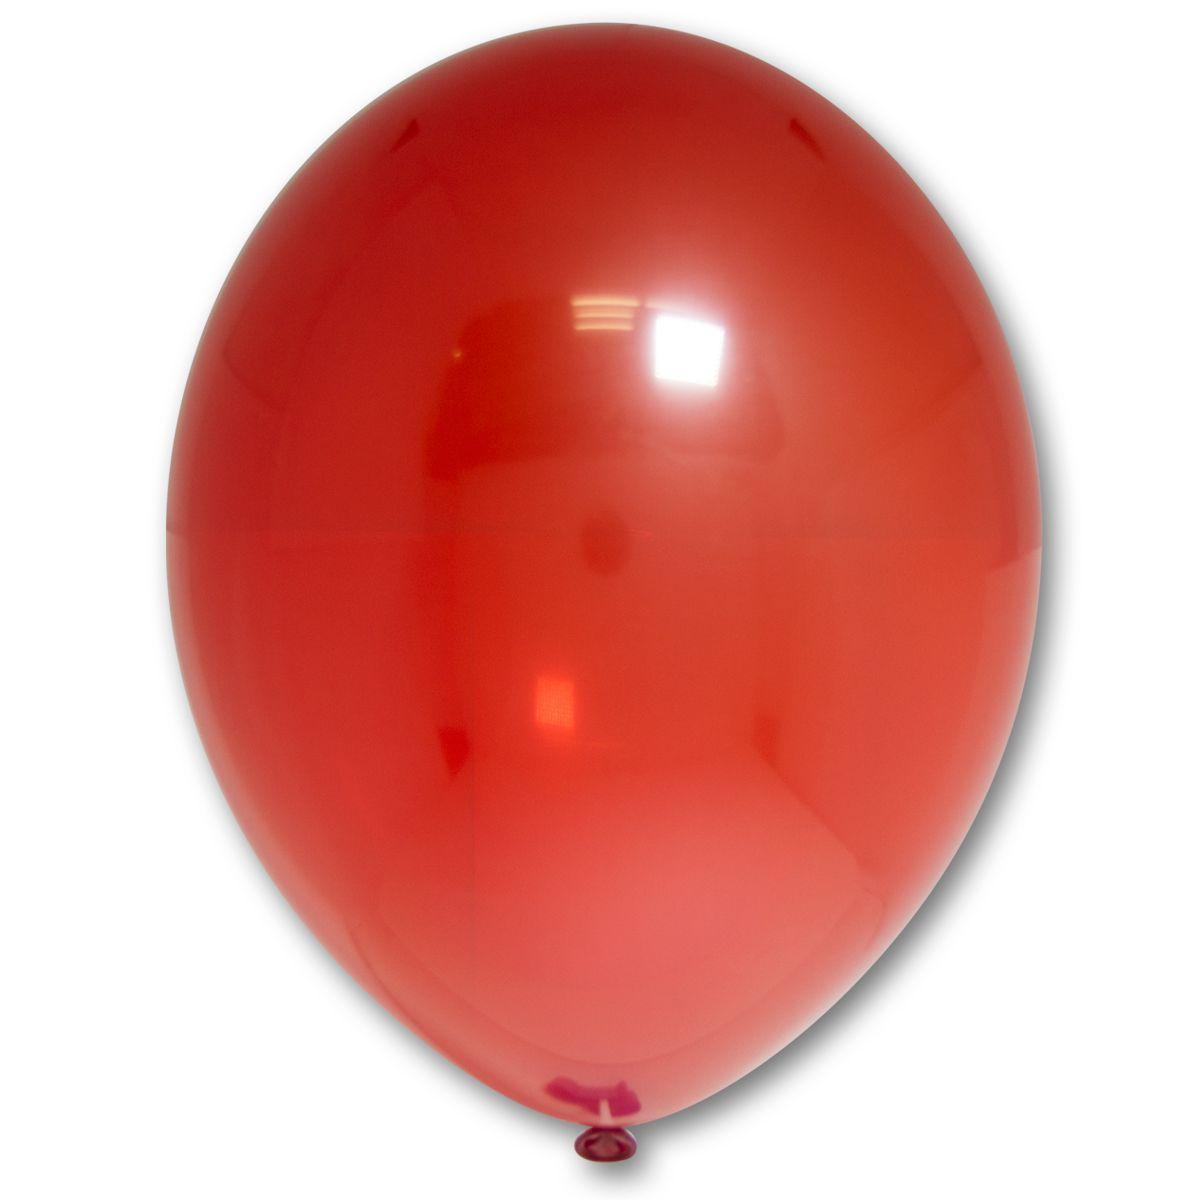 """Кулька 12""""/30 червоний 131 латекс кристал ТМ """"Belbal"""" однотонний шт."""